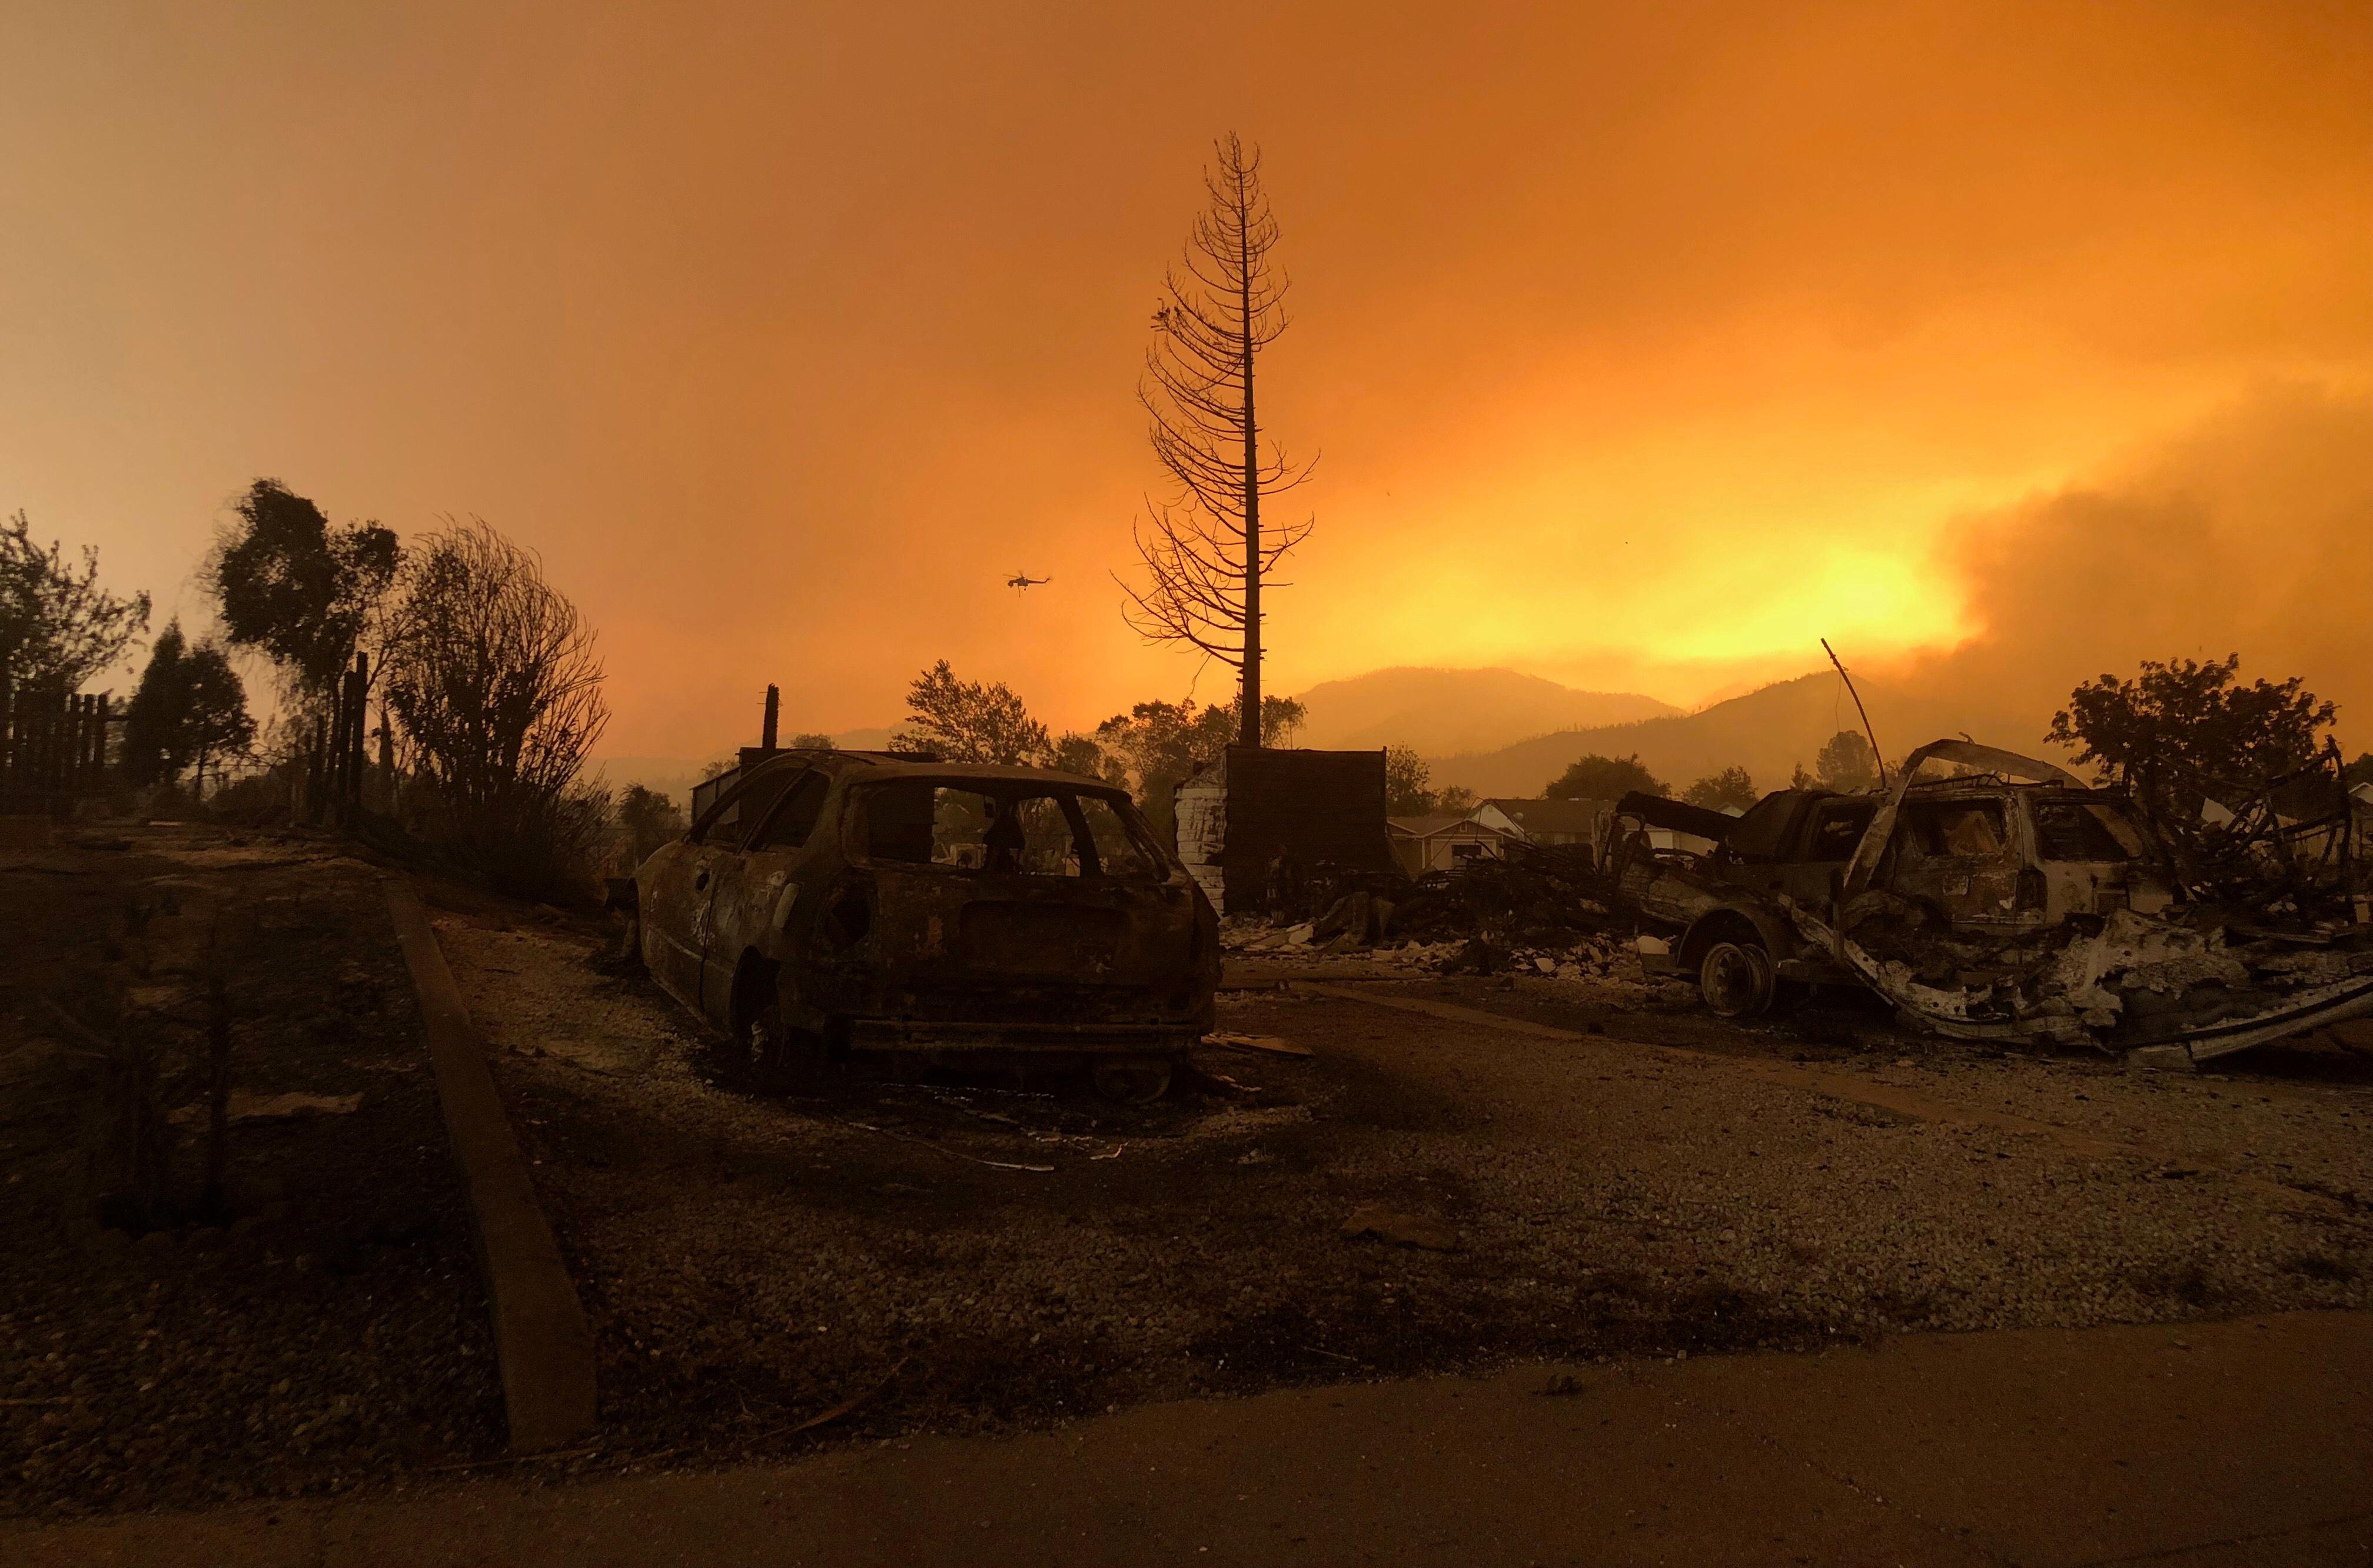 В Калифорнии введен ЧС из-за пожаров. Известно о 5 погибших и 20 пропавших без вести